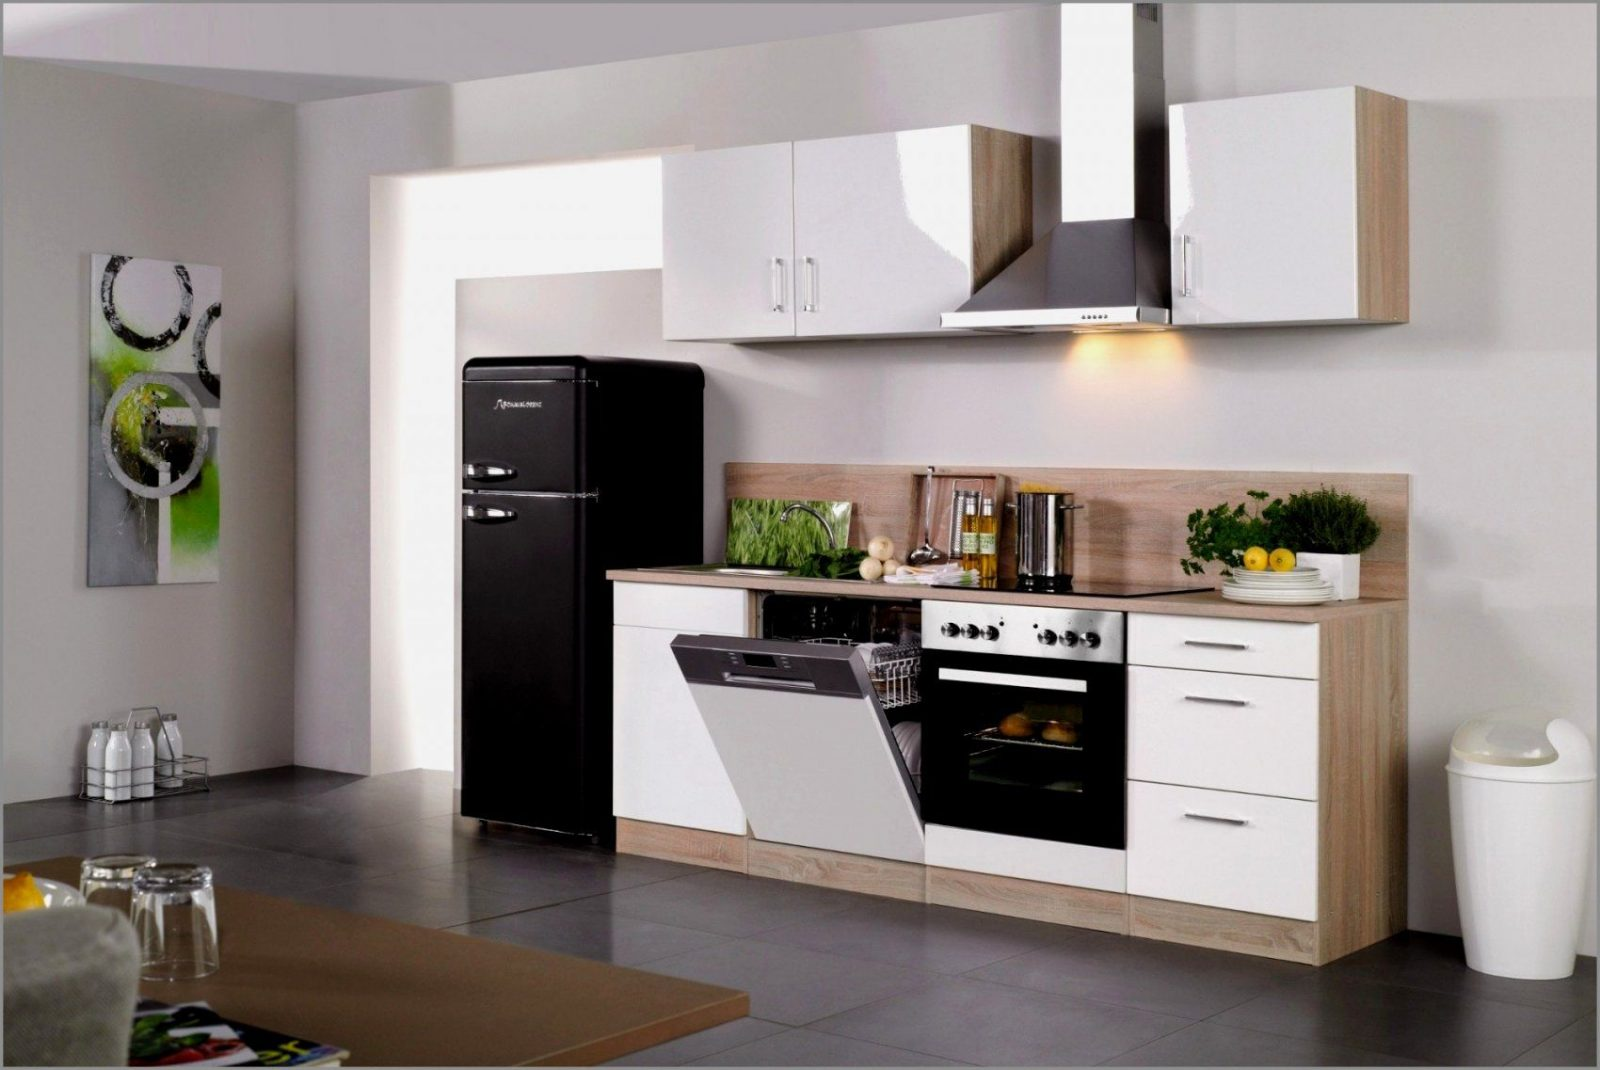 Küchenzeile Ohne Geröte Fresh Nett Gebrauchte Einbauküchen Mit von ...